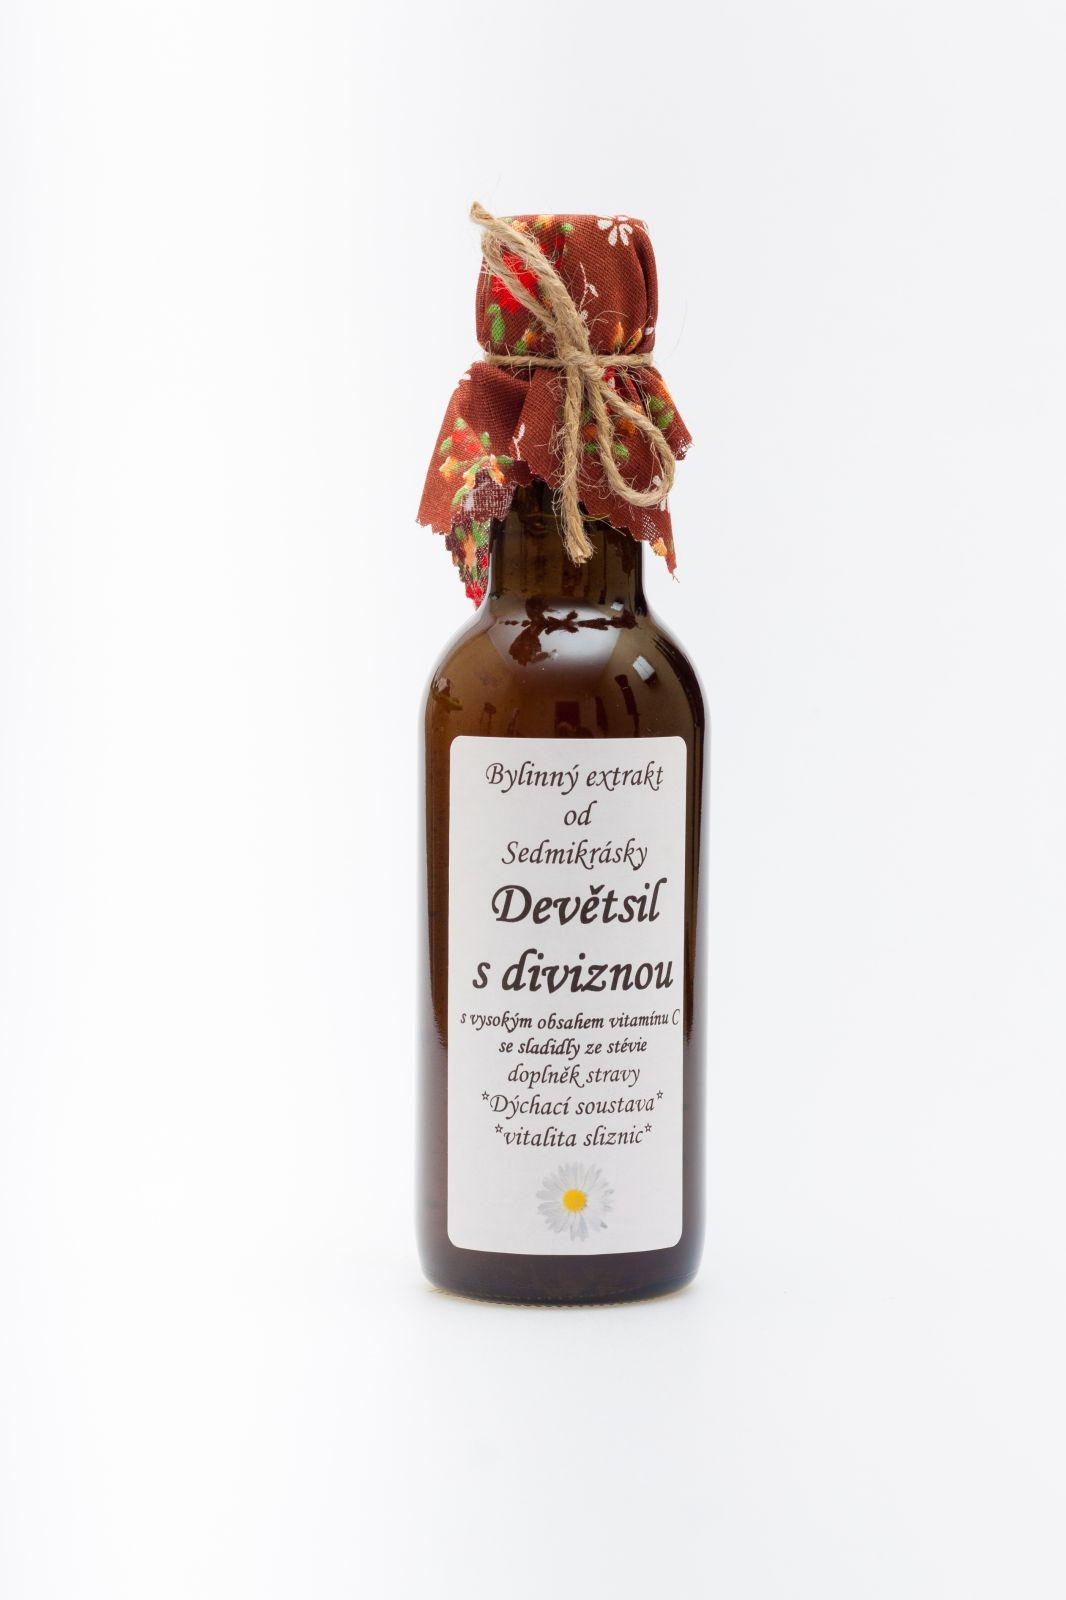 Sedmikráska bylinný extrakt Divizna 250ml dýchání trávení močové cesty doplněk stravy Rodinná farma Sedmikráska